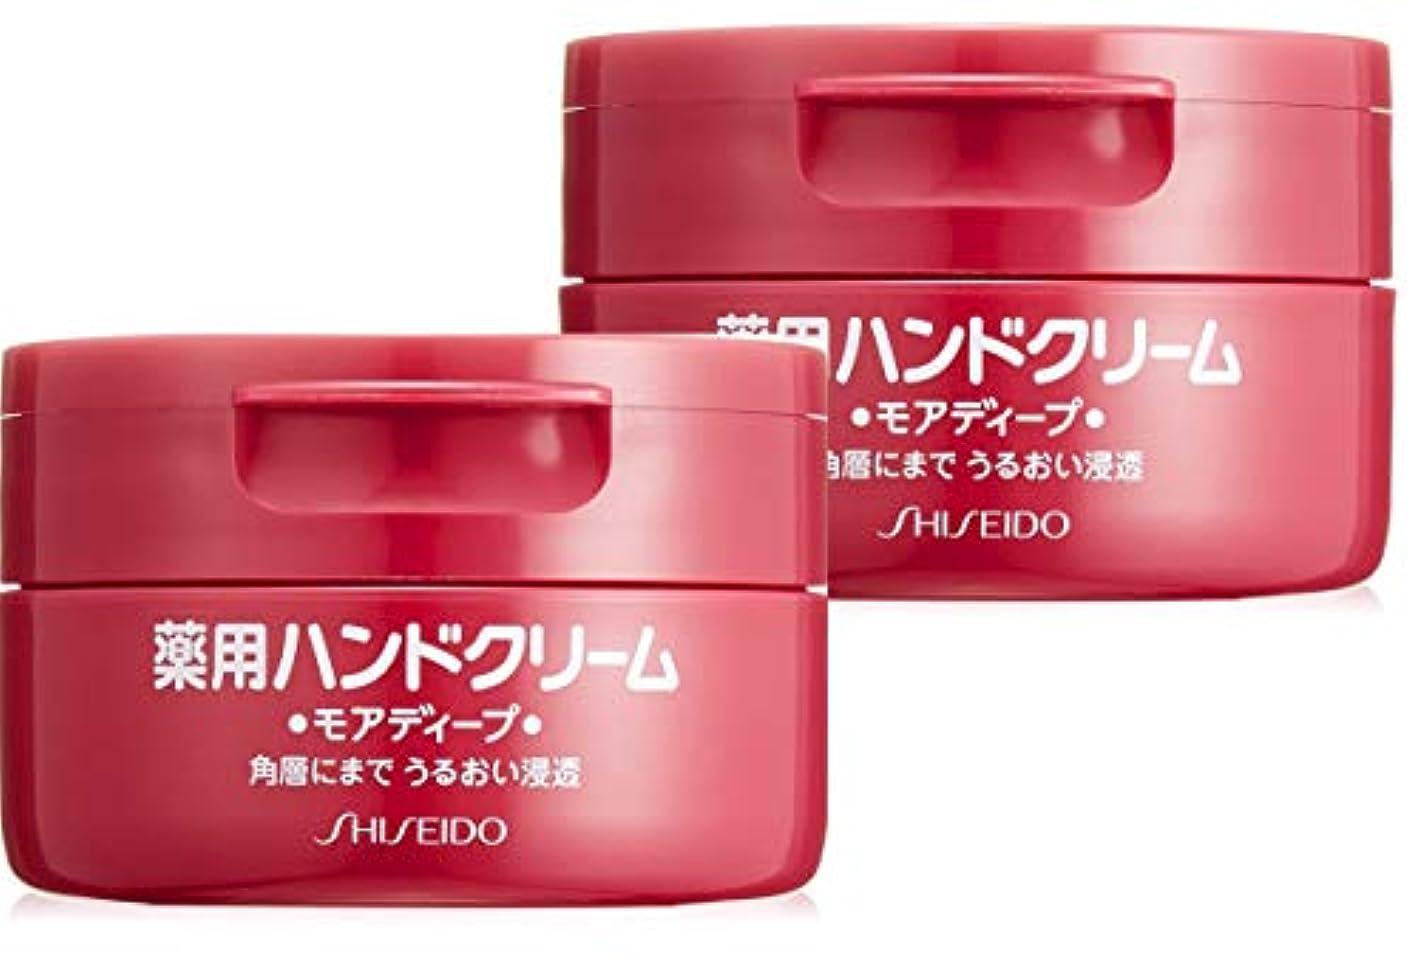 黒添付災害資生堂 【まとめ買い】薬用ハンドクリーム モアディープ 単品 2個